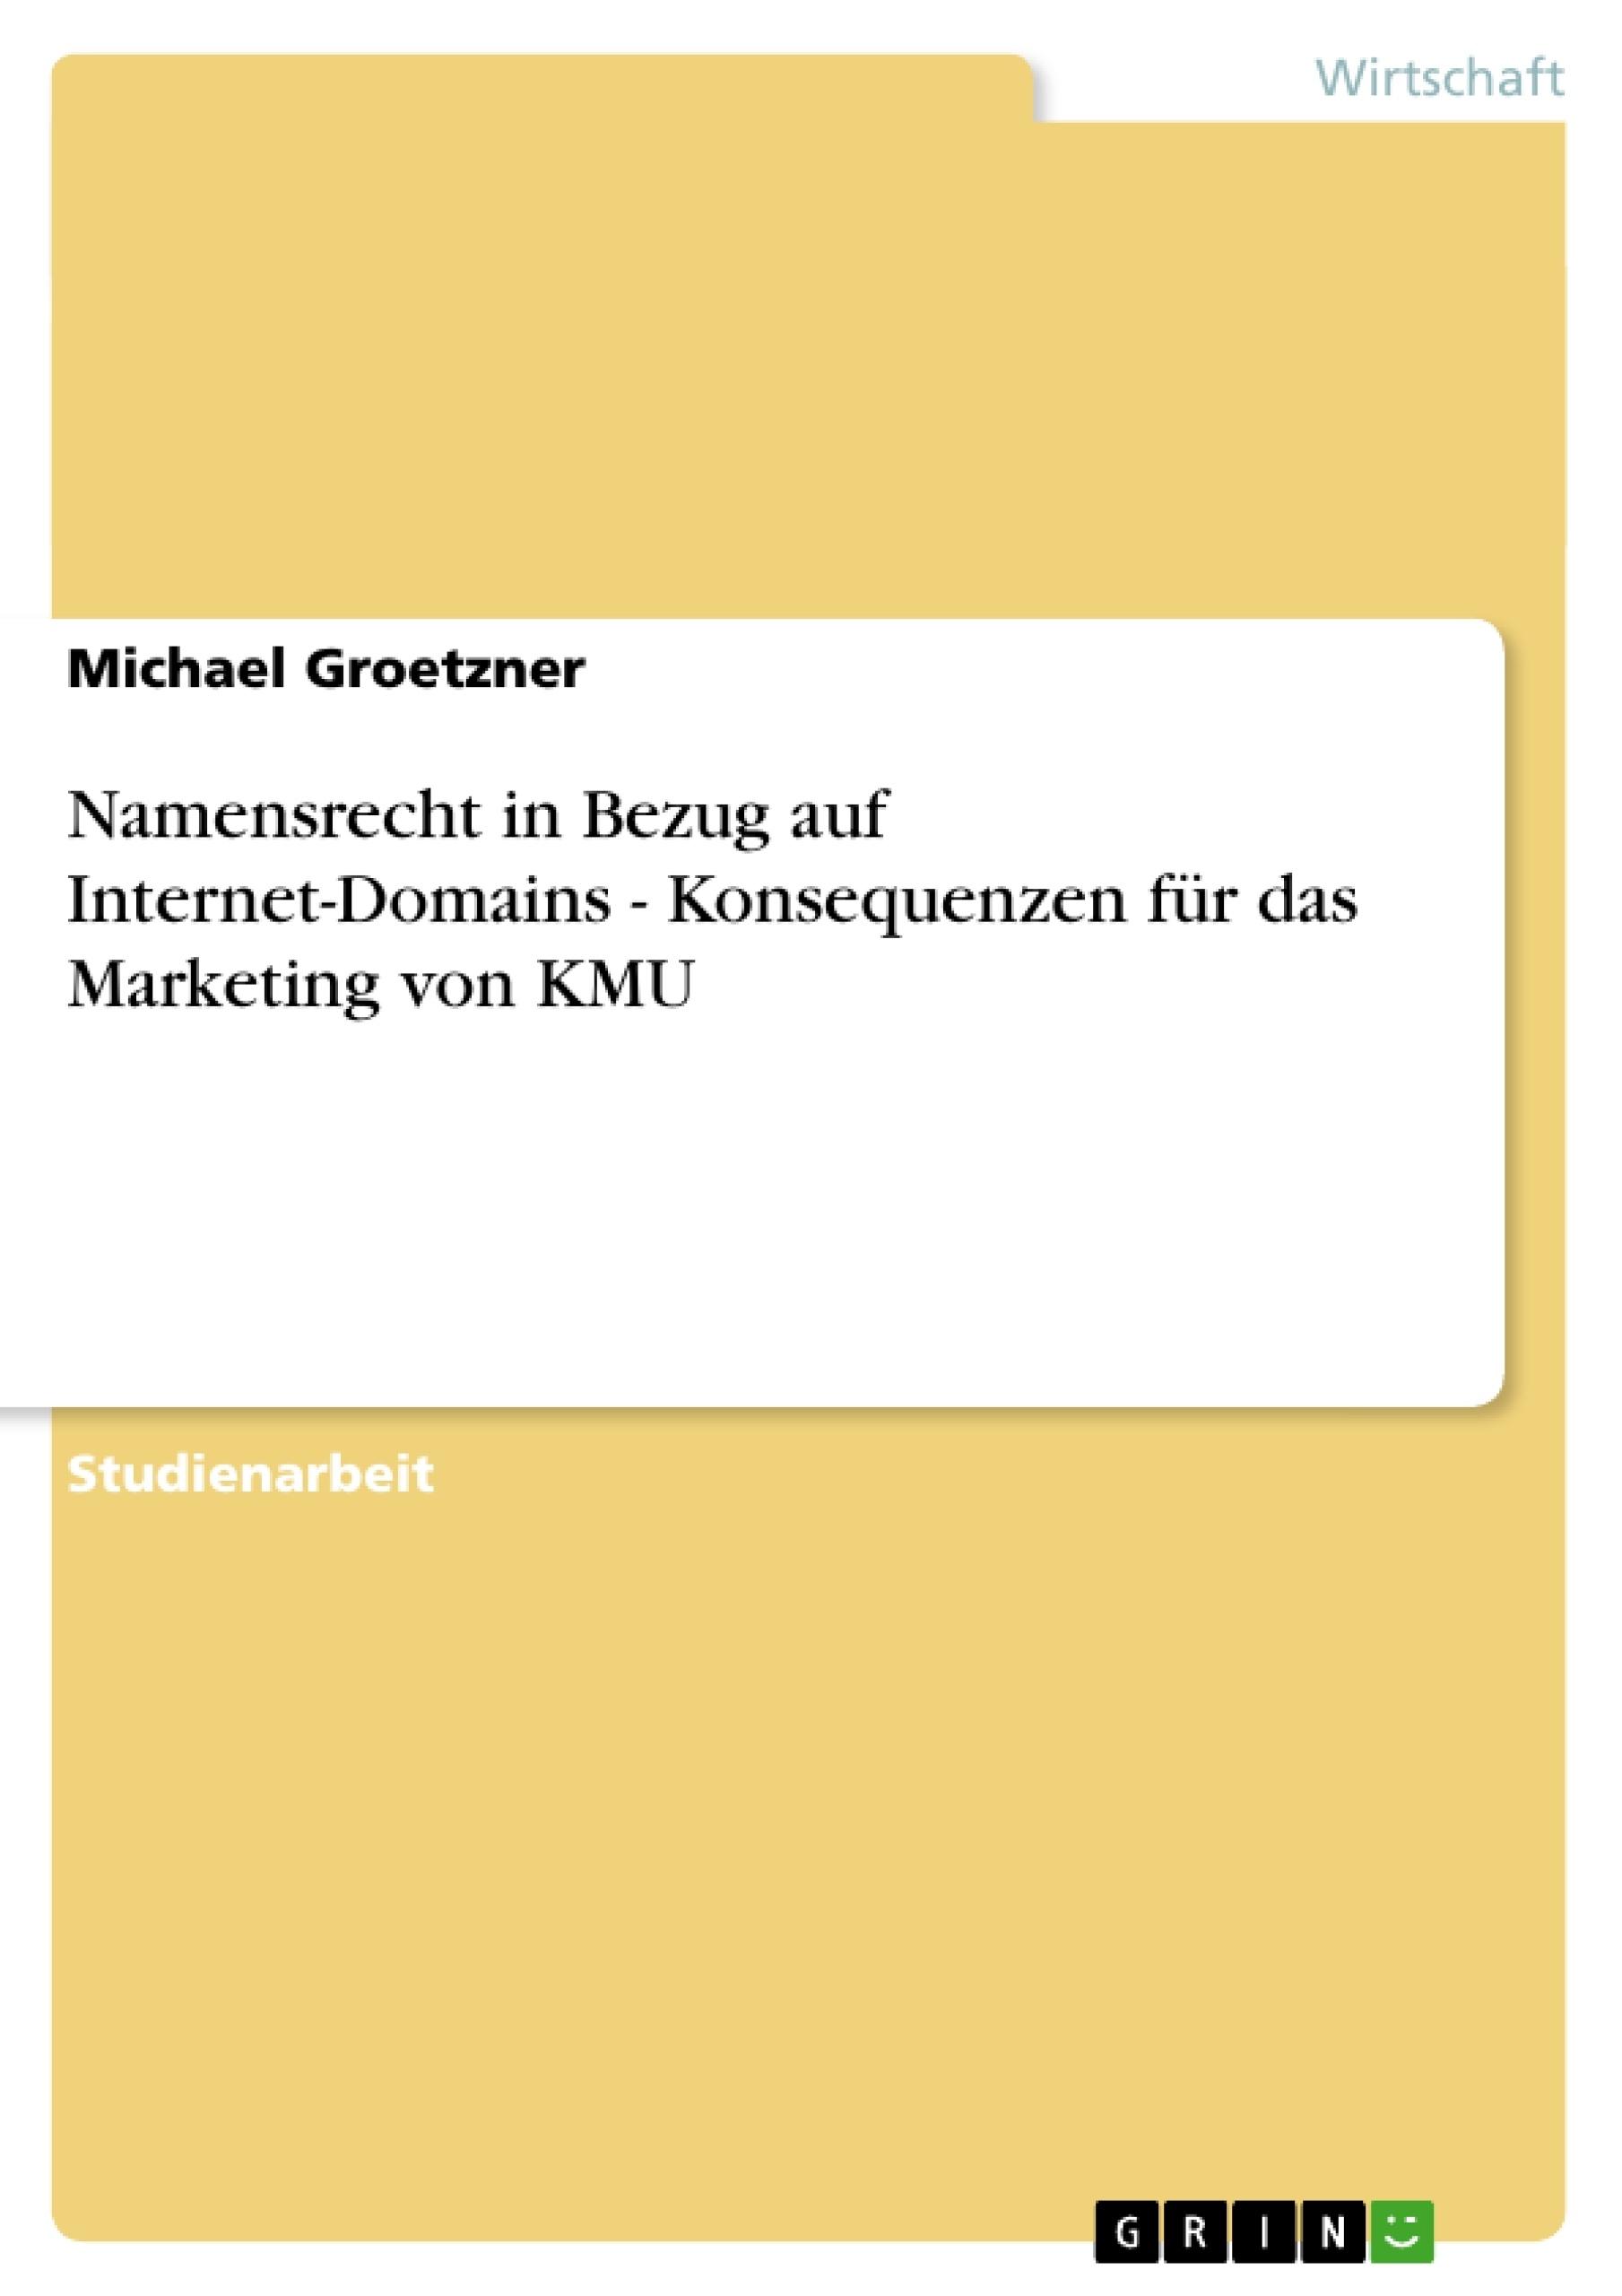 Titel: Namensrecht in Bezug auf Internet-Domains - Konsequenzen für das Marketing von KMU